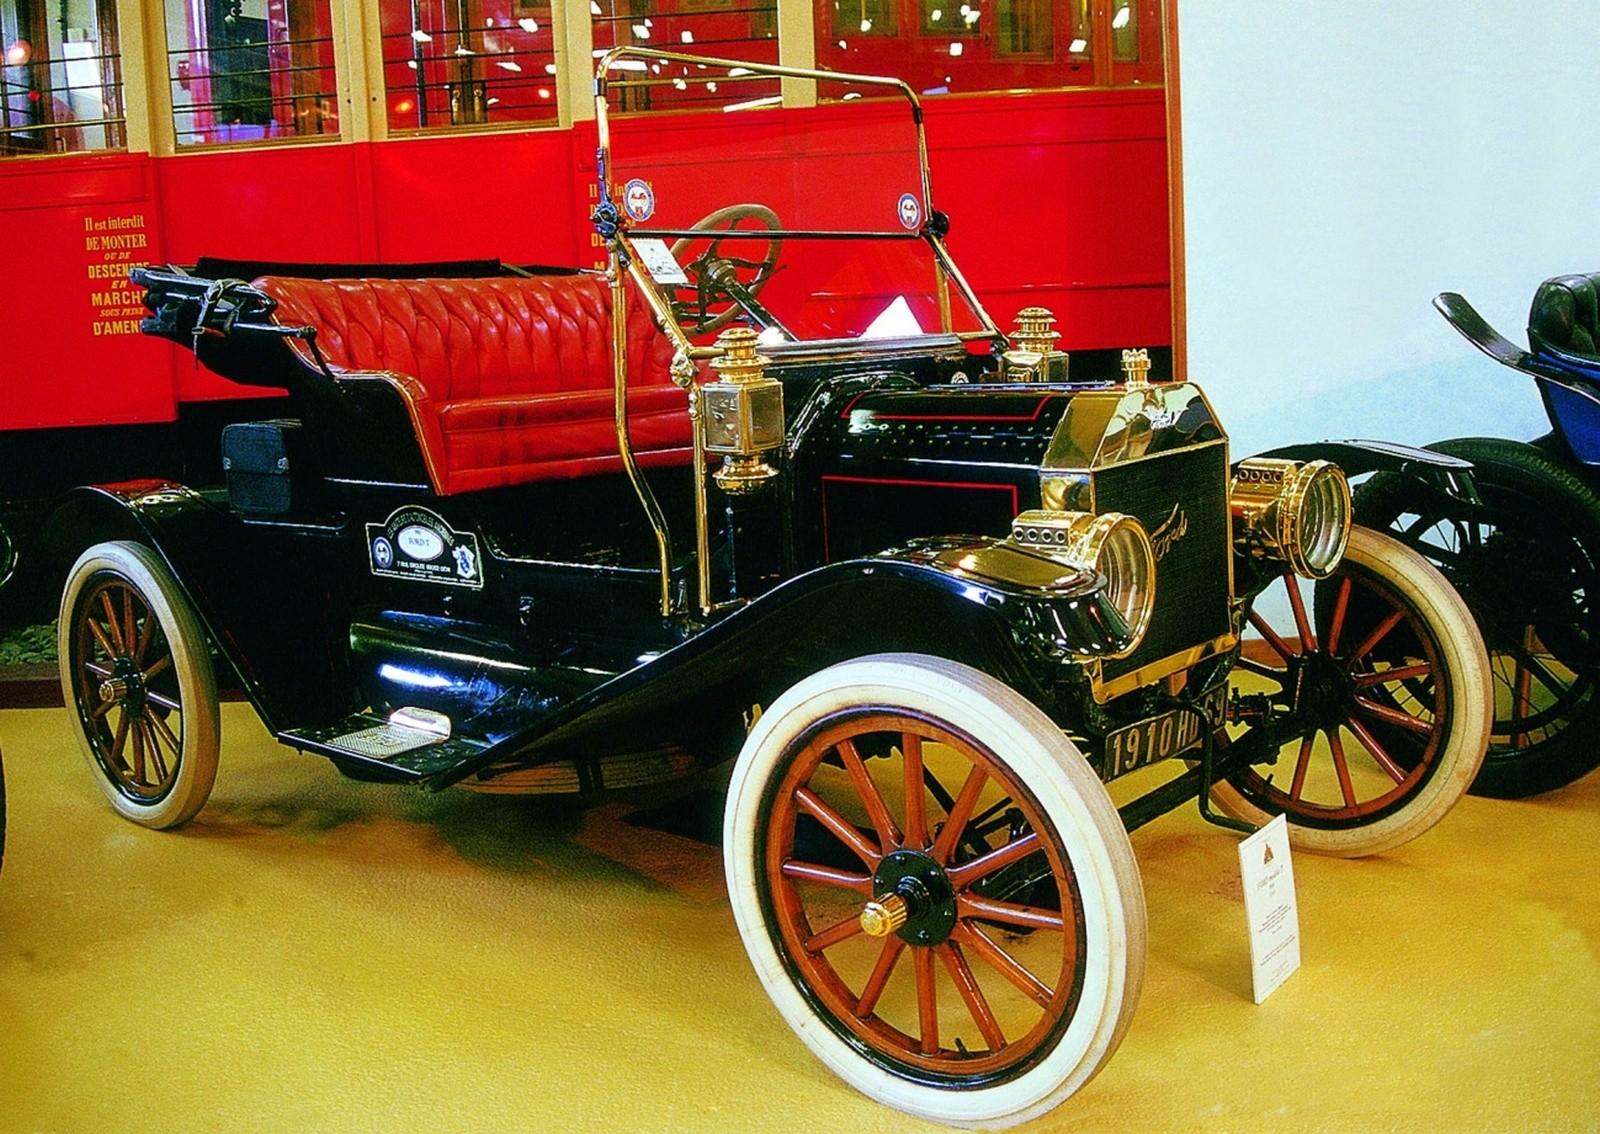 Один из вариантов массового легкового автомобиля Ford T. 1910 год (фото автора)